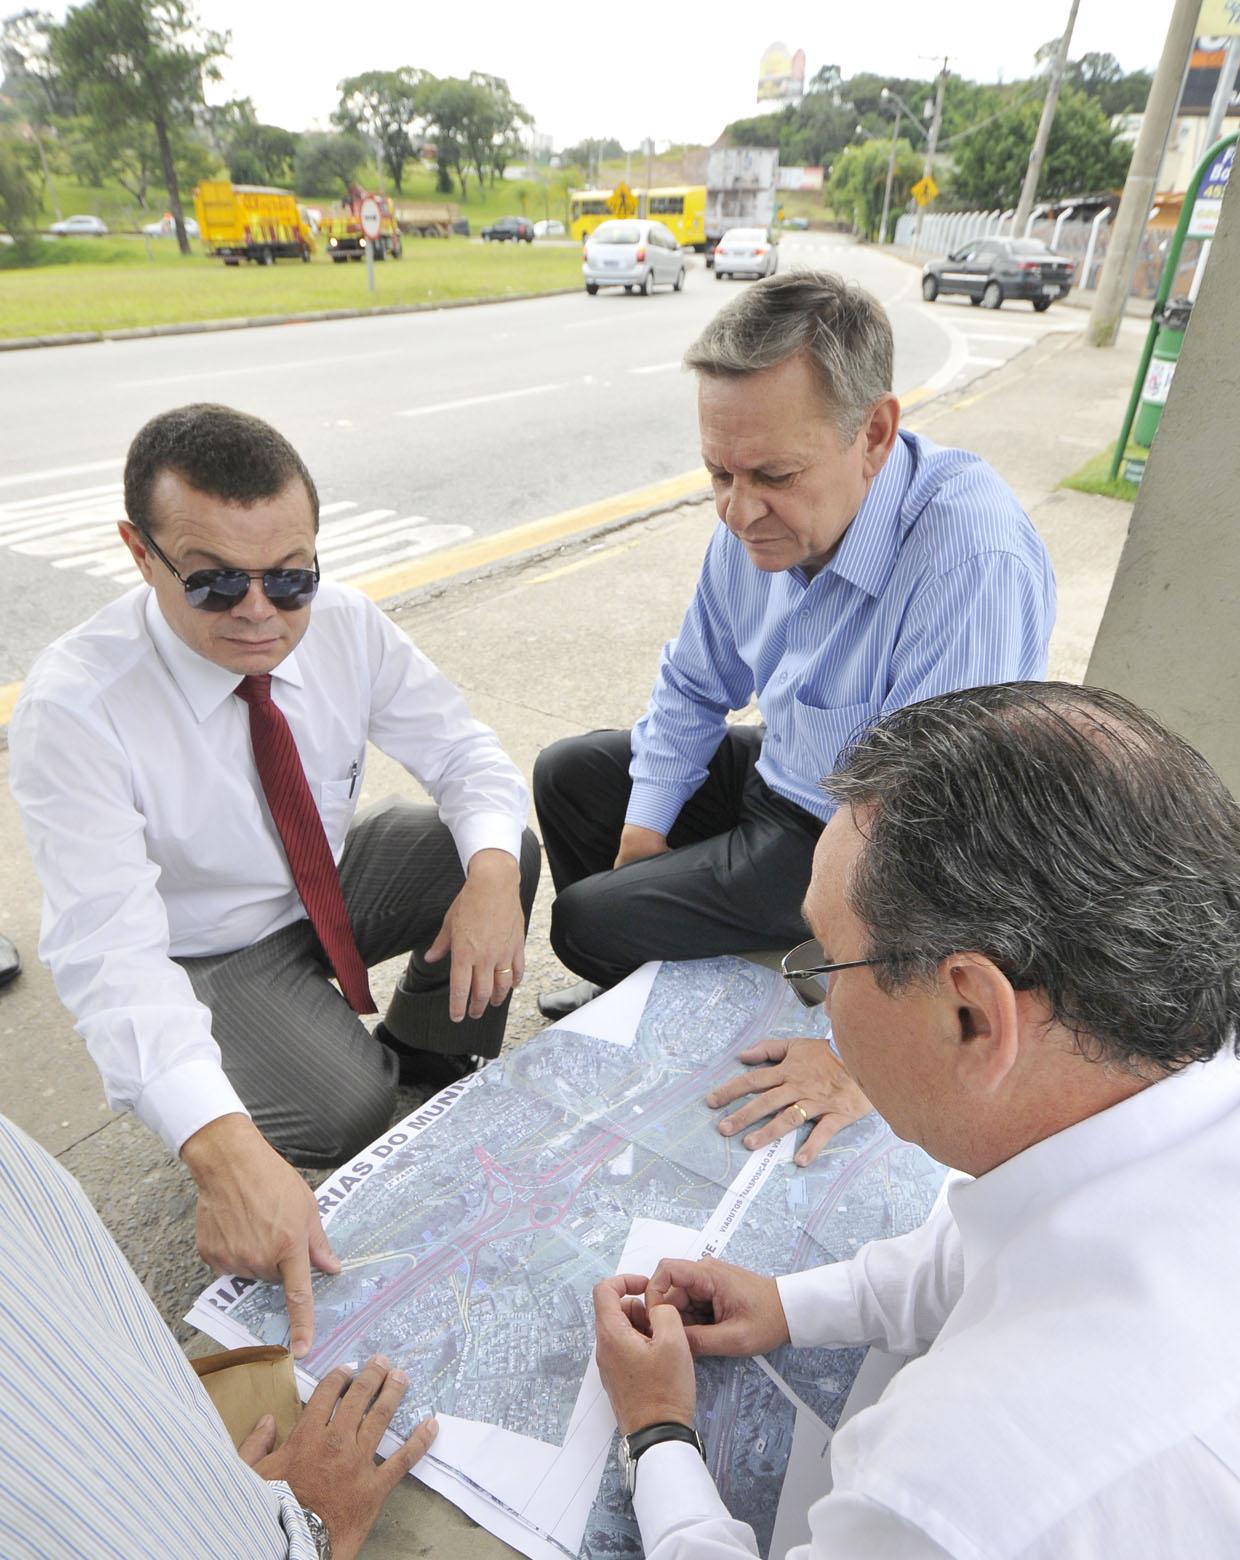 O prefeito analisou com os secretários a projeto do trevo da avenida Jundiaí